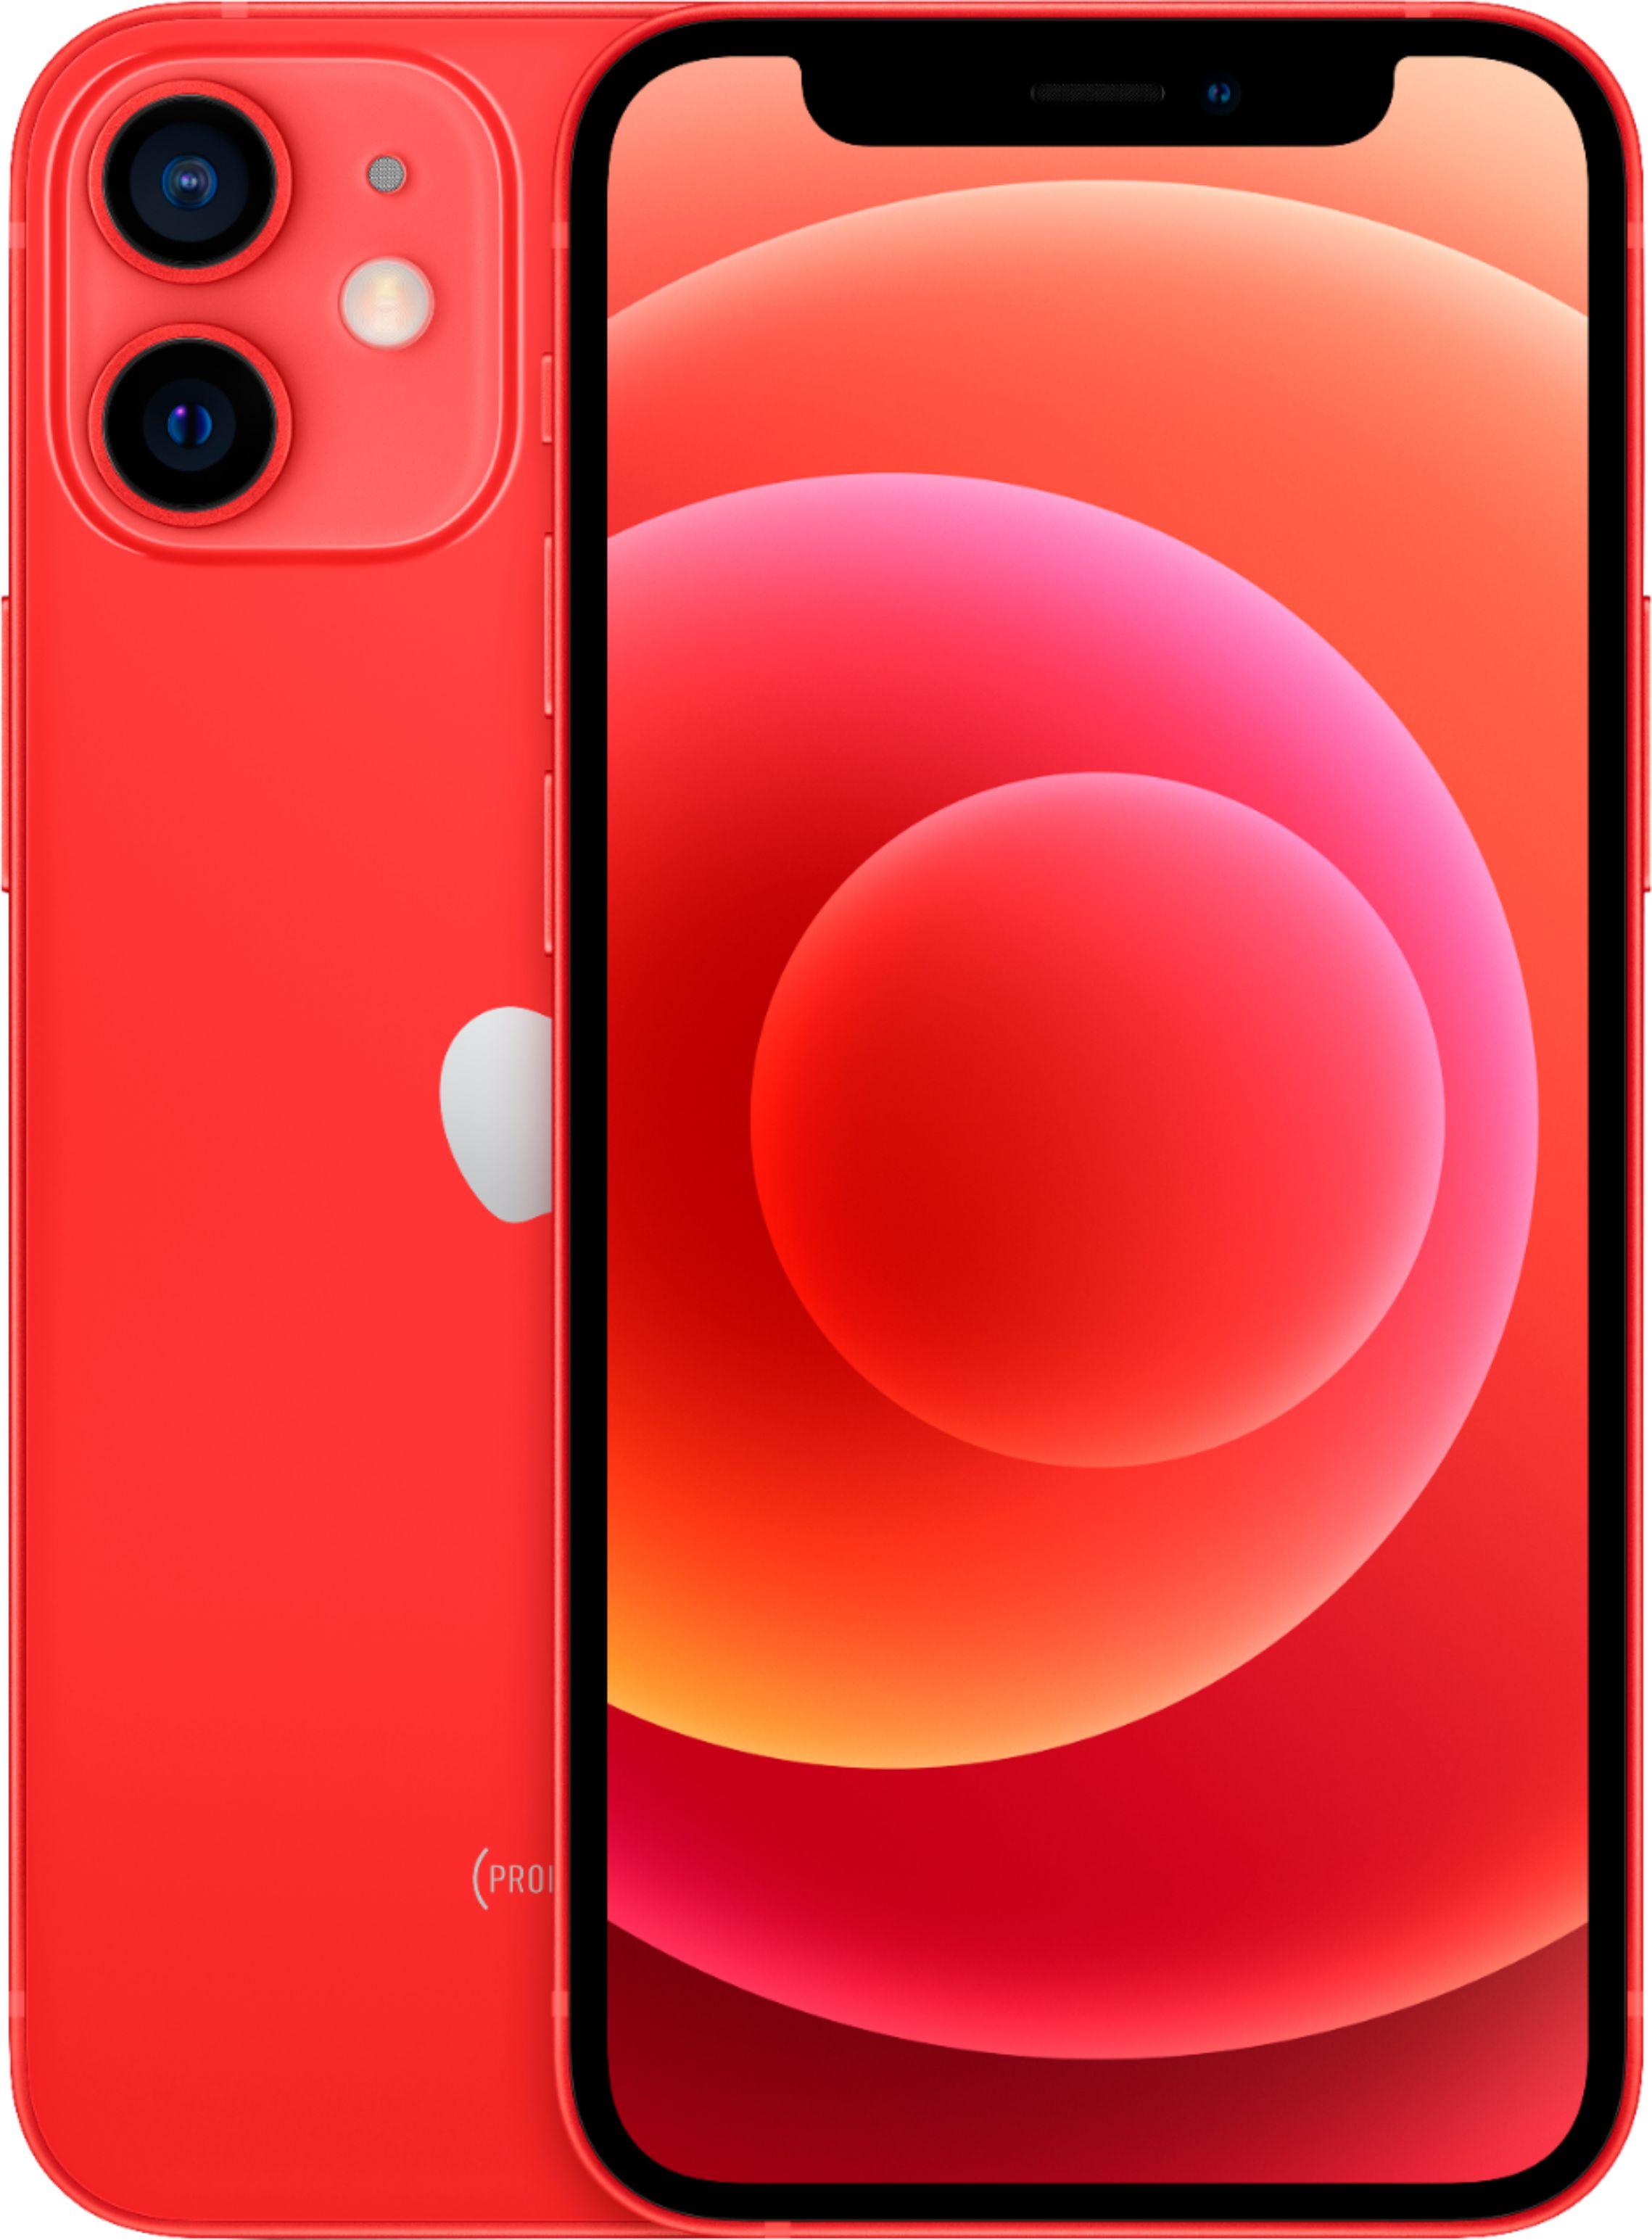 アップル アイフォーン 12ミニ 5G対応SIMフリースマホ SIMフリー Apple 40%OFFの激安セール iPhone 12 Mini シングルSim + キャンペーンもお見逃しなく 香港版 赤 1年保証 スマホ本体 5G 64GB A eSIM 新品 MGE03ZA